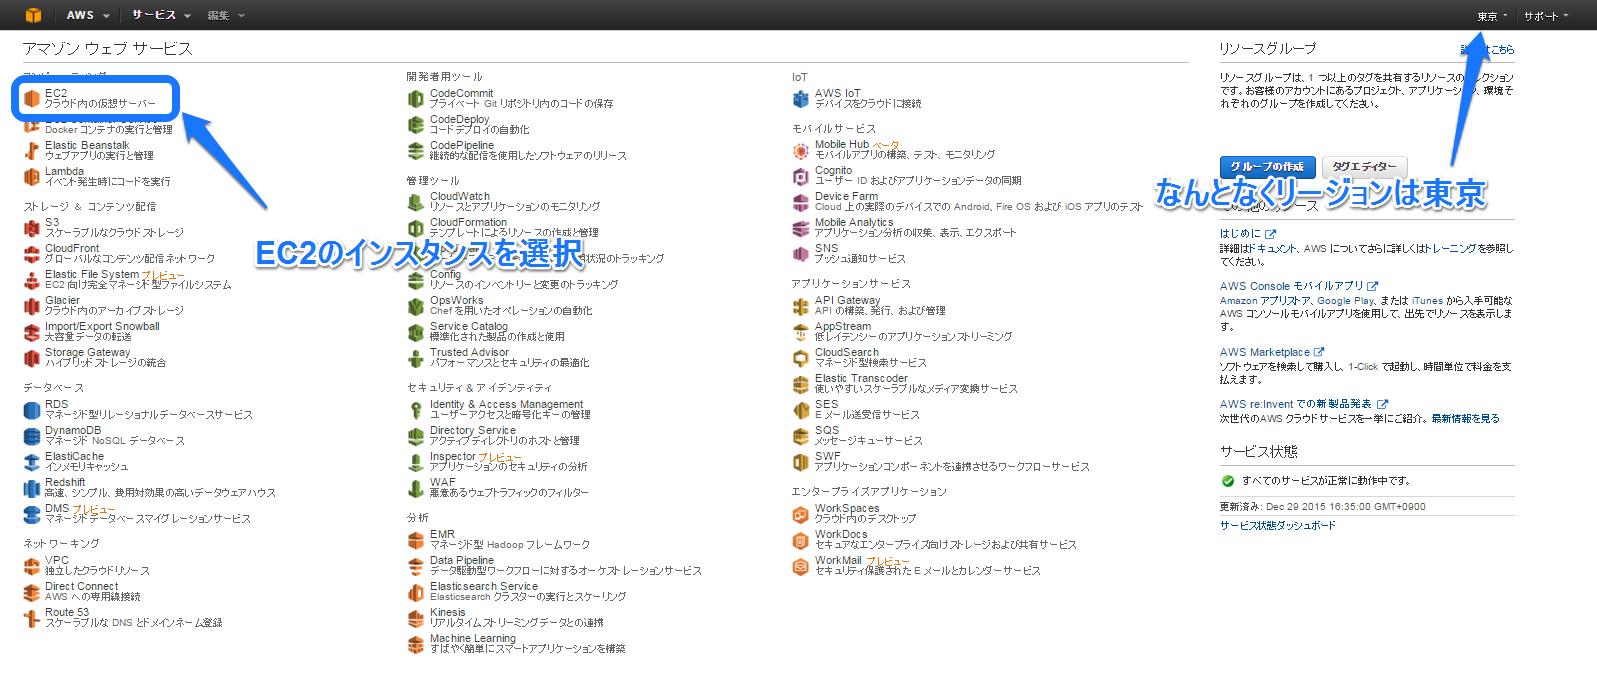 AWS_TOP.png